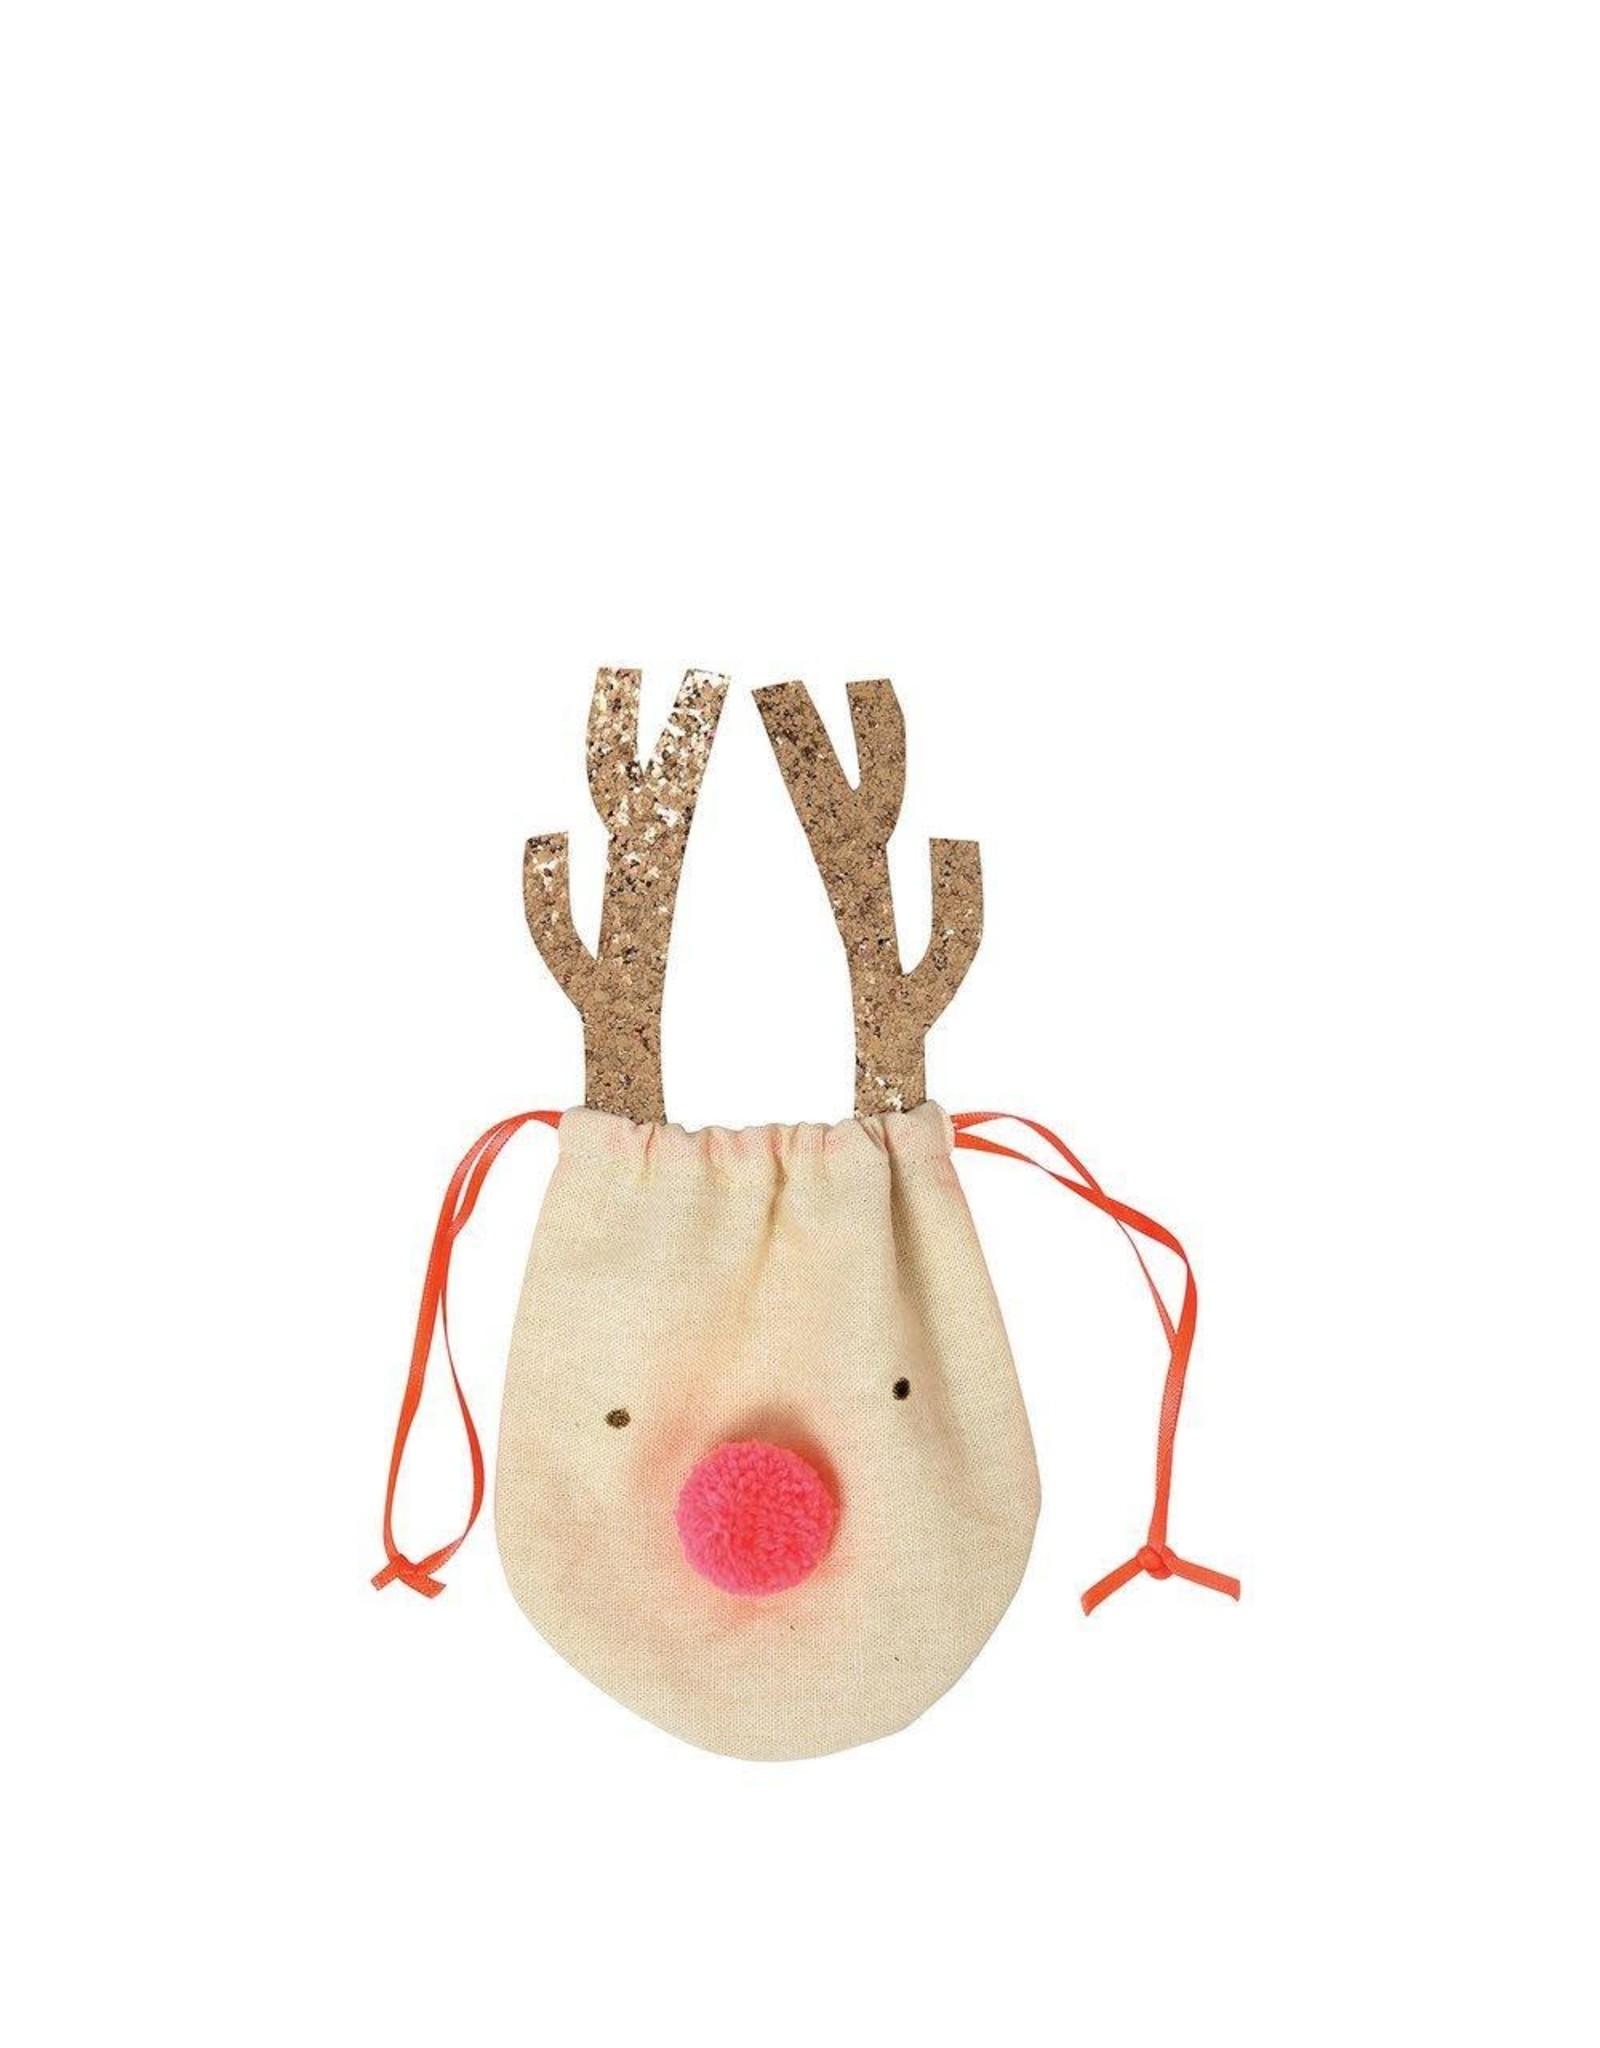 Meri Meri Gift Bags Reindeer